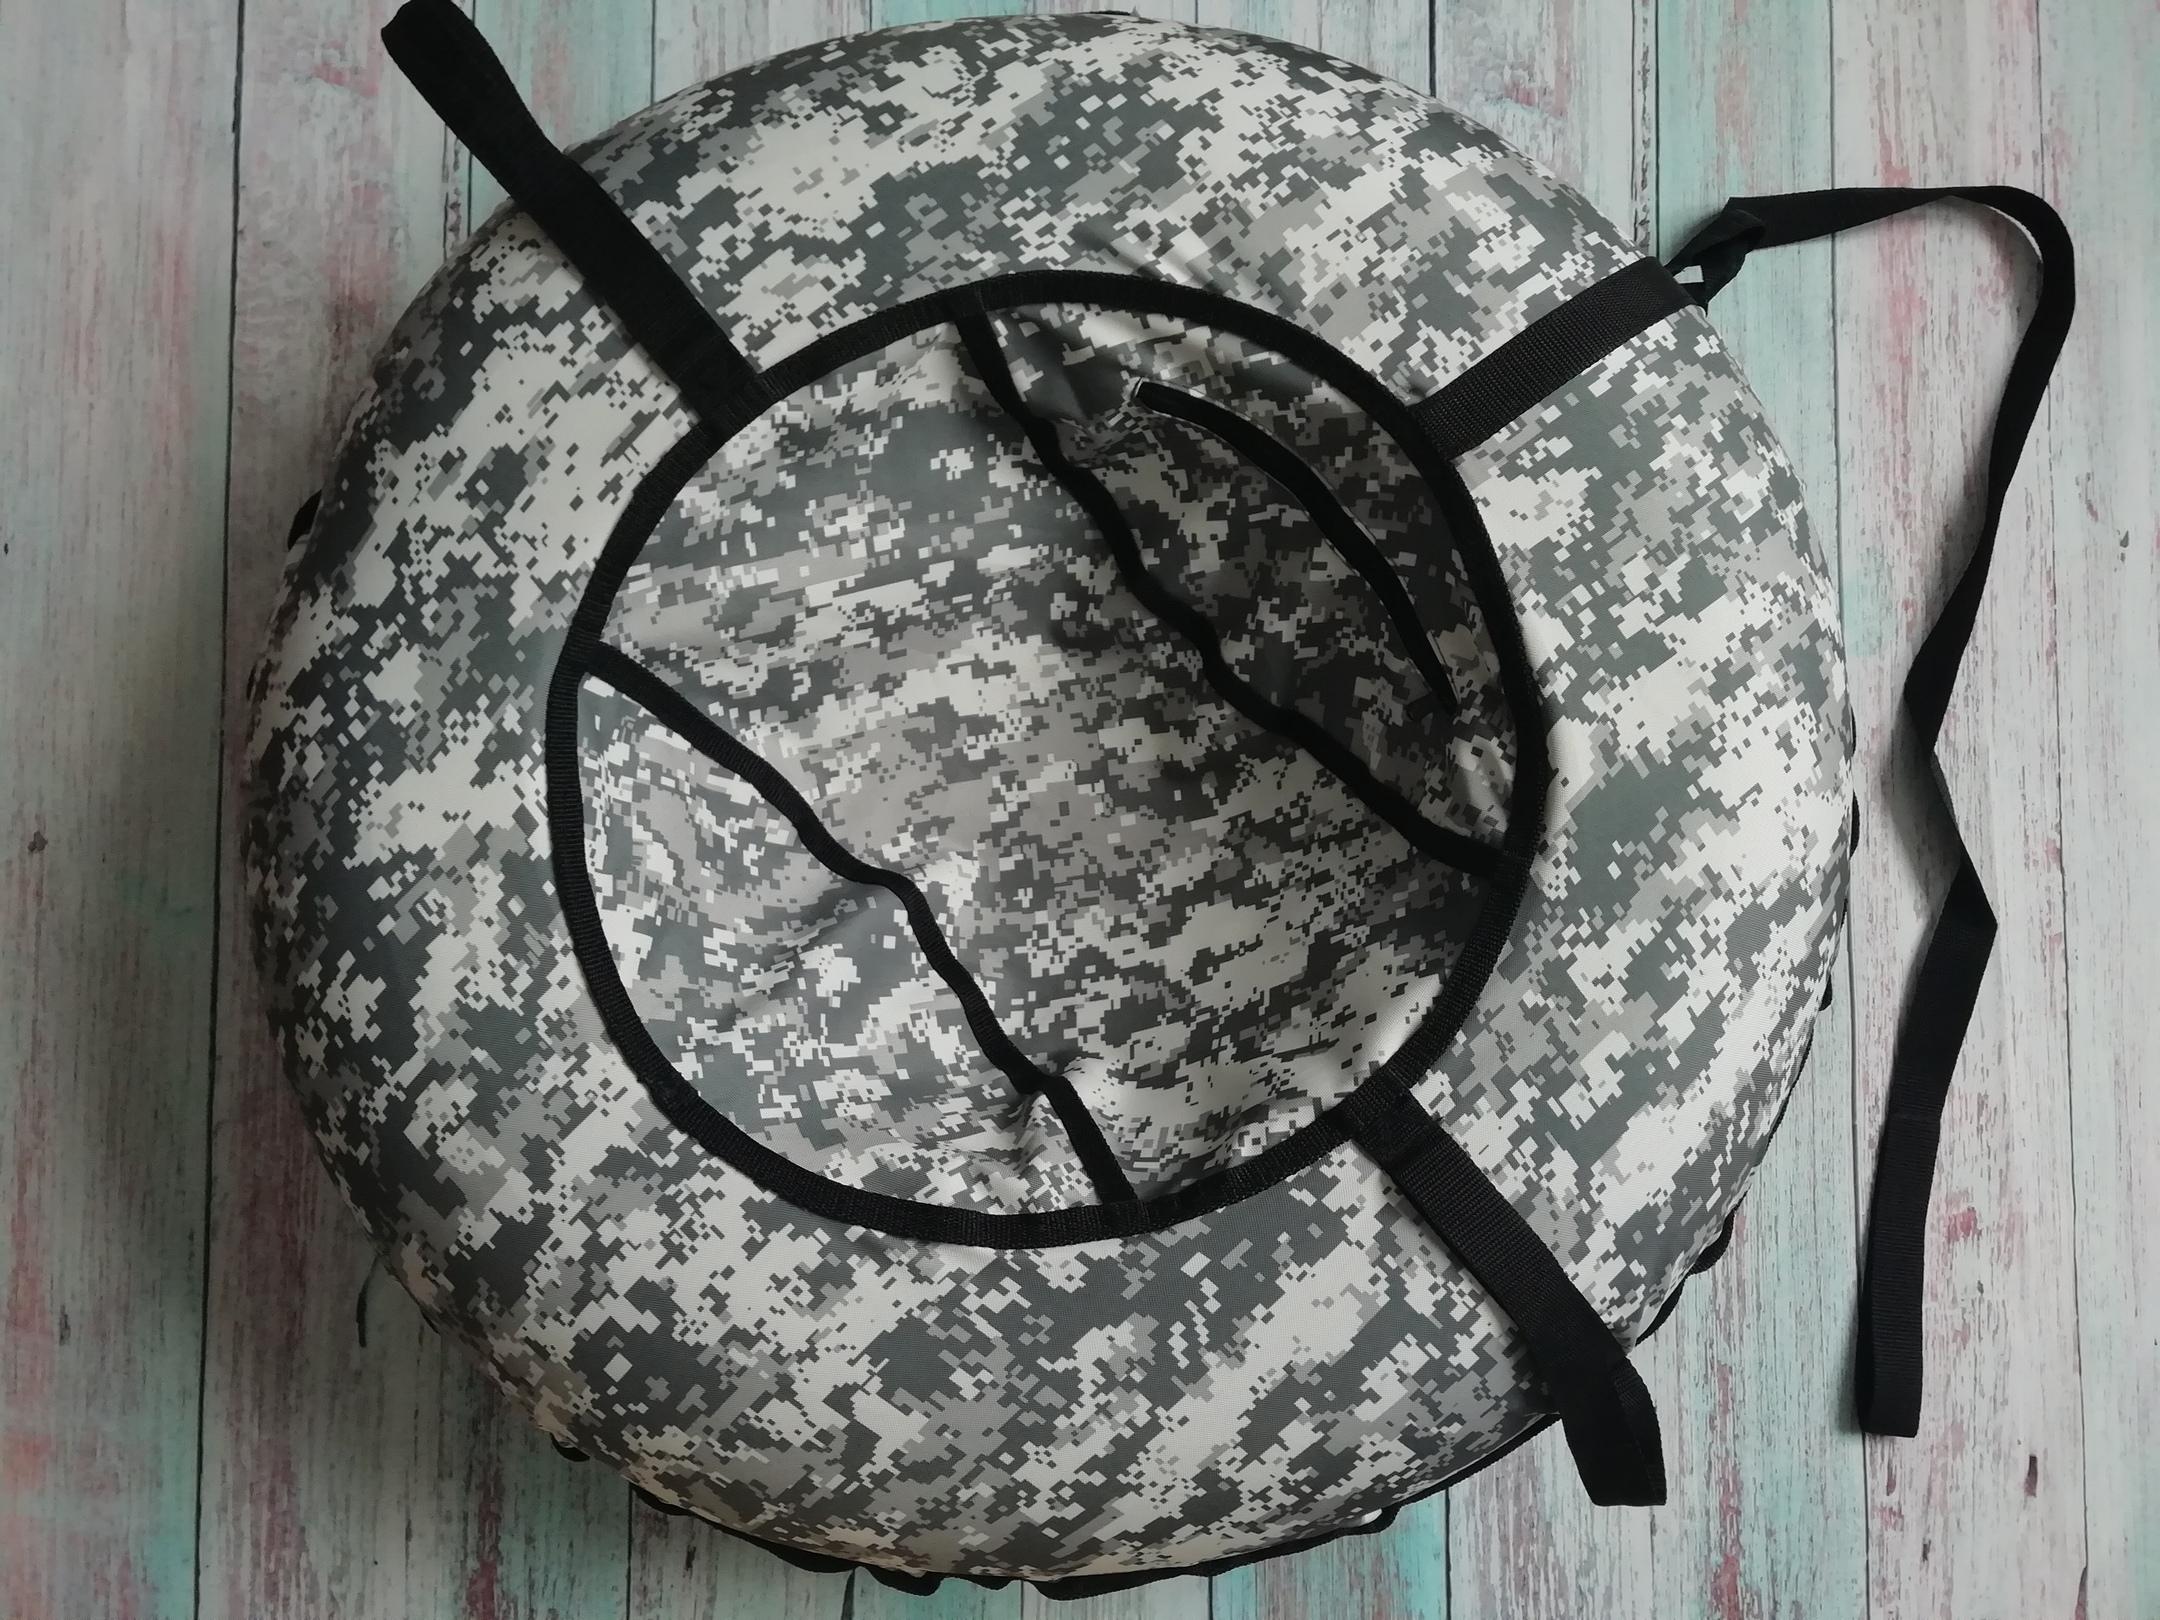 Купить надувные санки ватрушку тюбинг сноутьюб подушку плюшку в Самаре вк